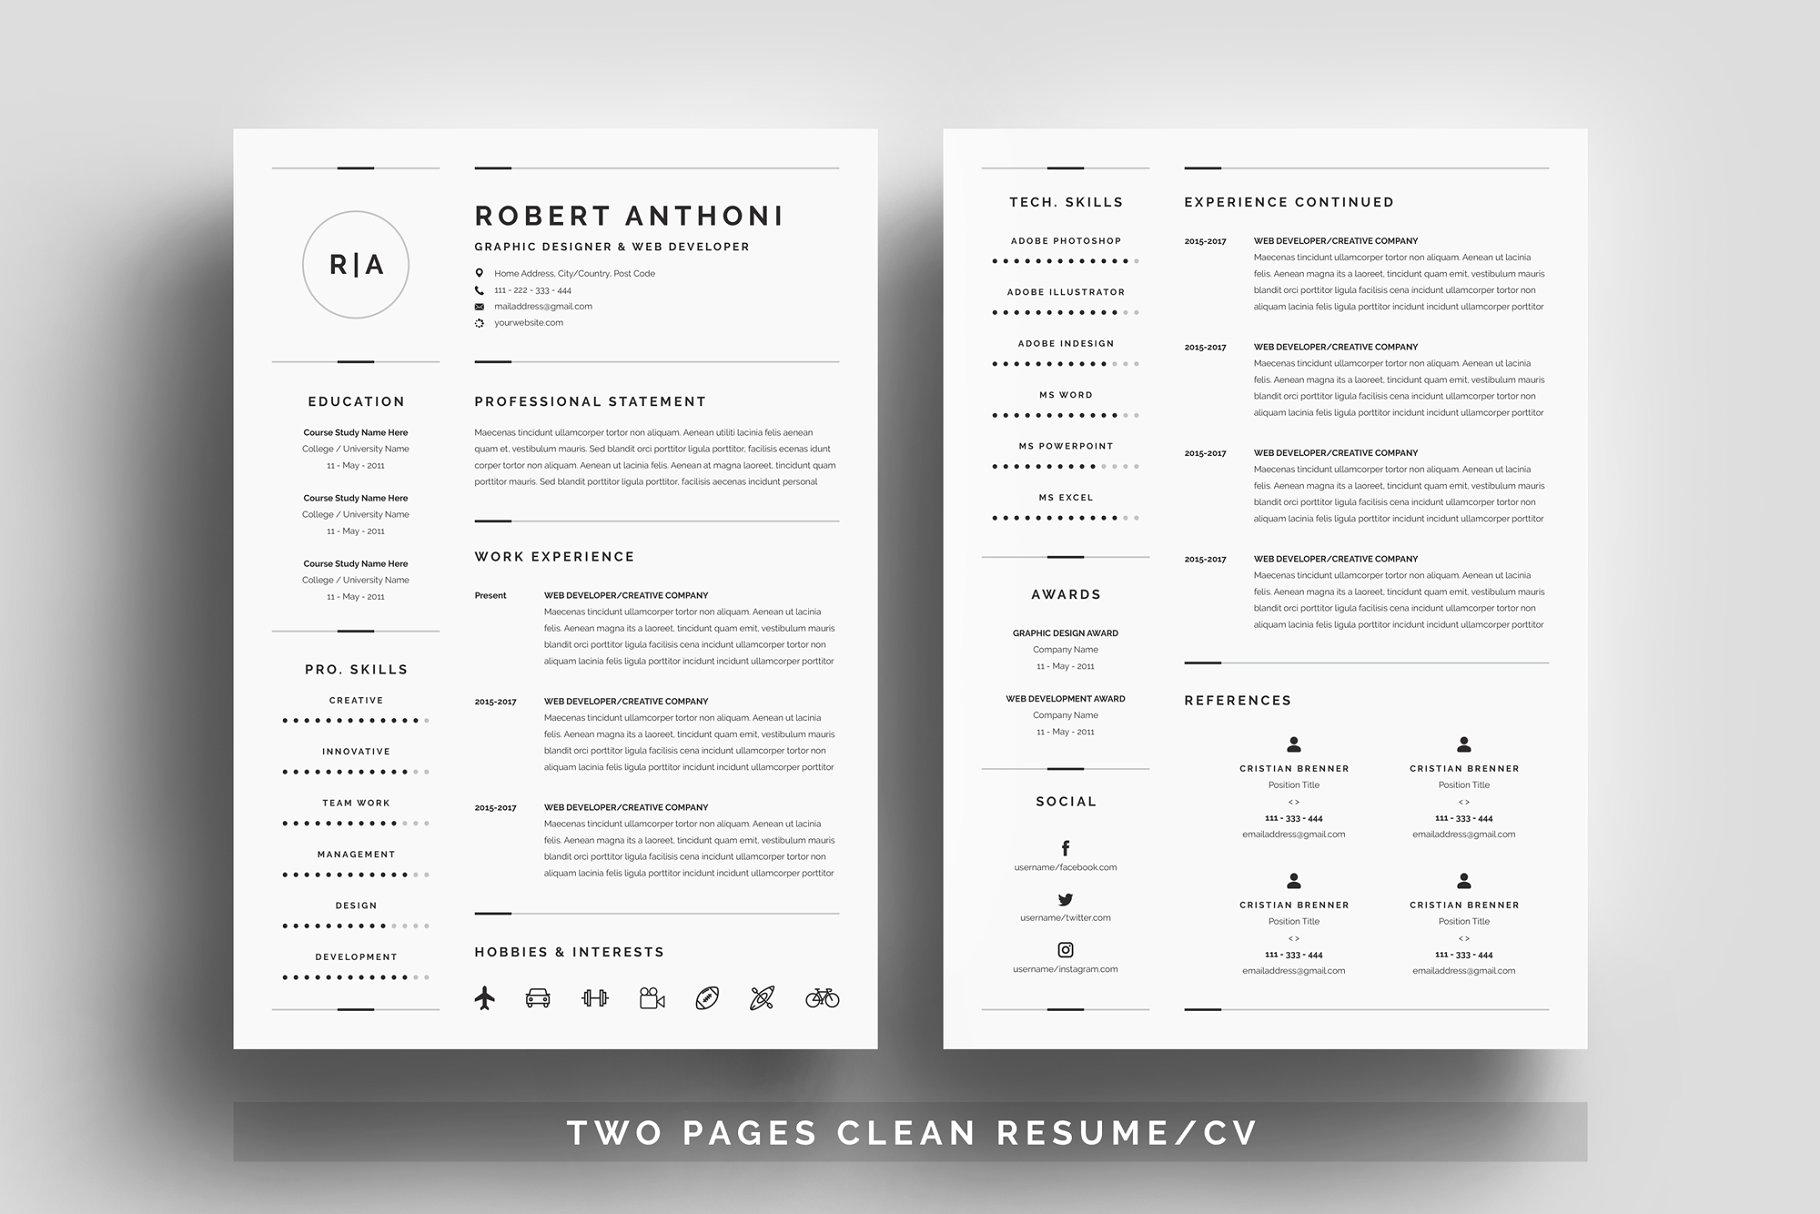 职场简约设计简历模板展示3-Pages-Clean-ResumeCV-Template